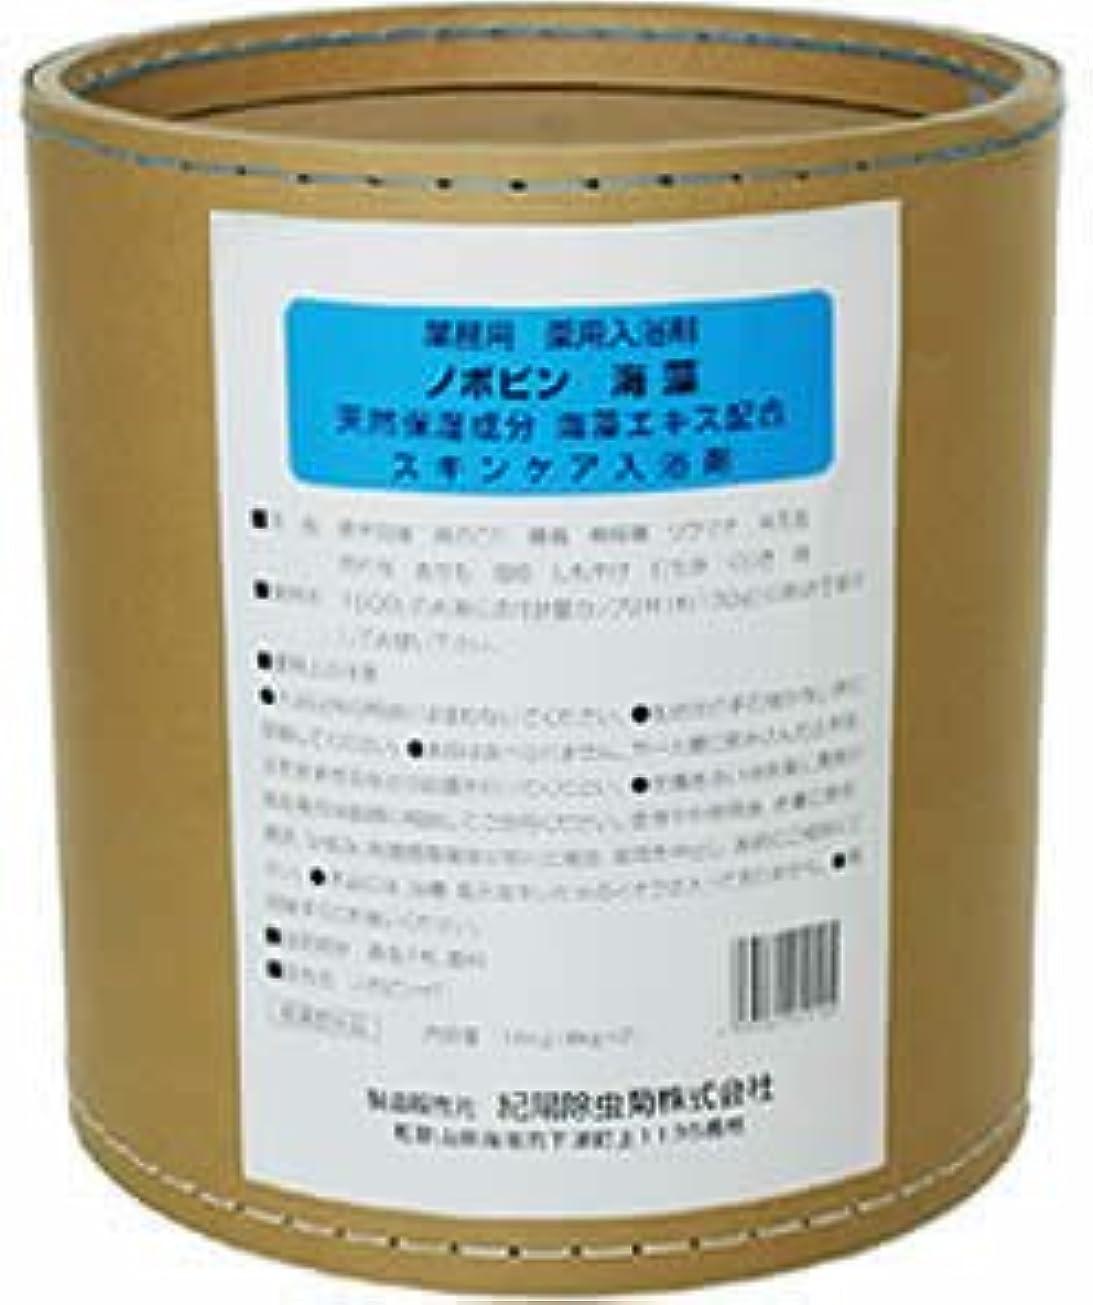 シャンパン要塞自分業務用 ノボピン 海藻 8kg*2